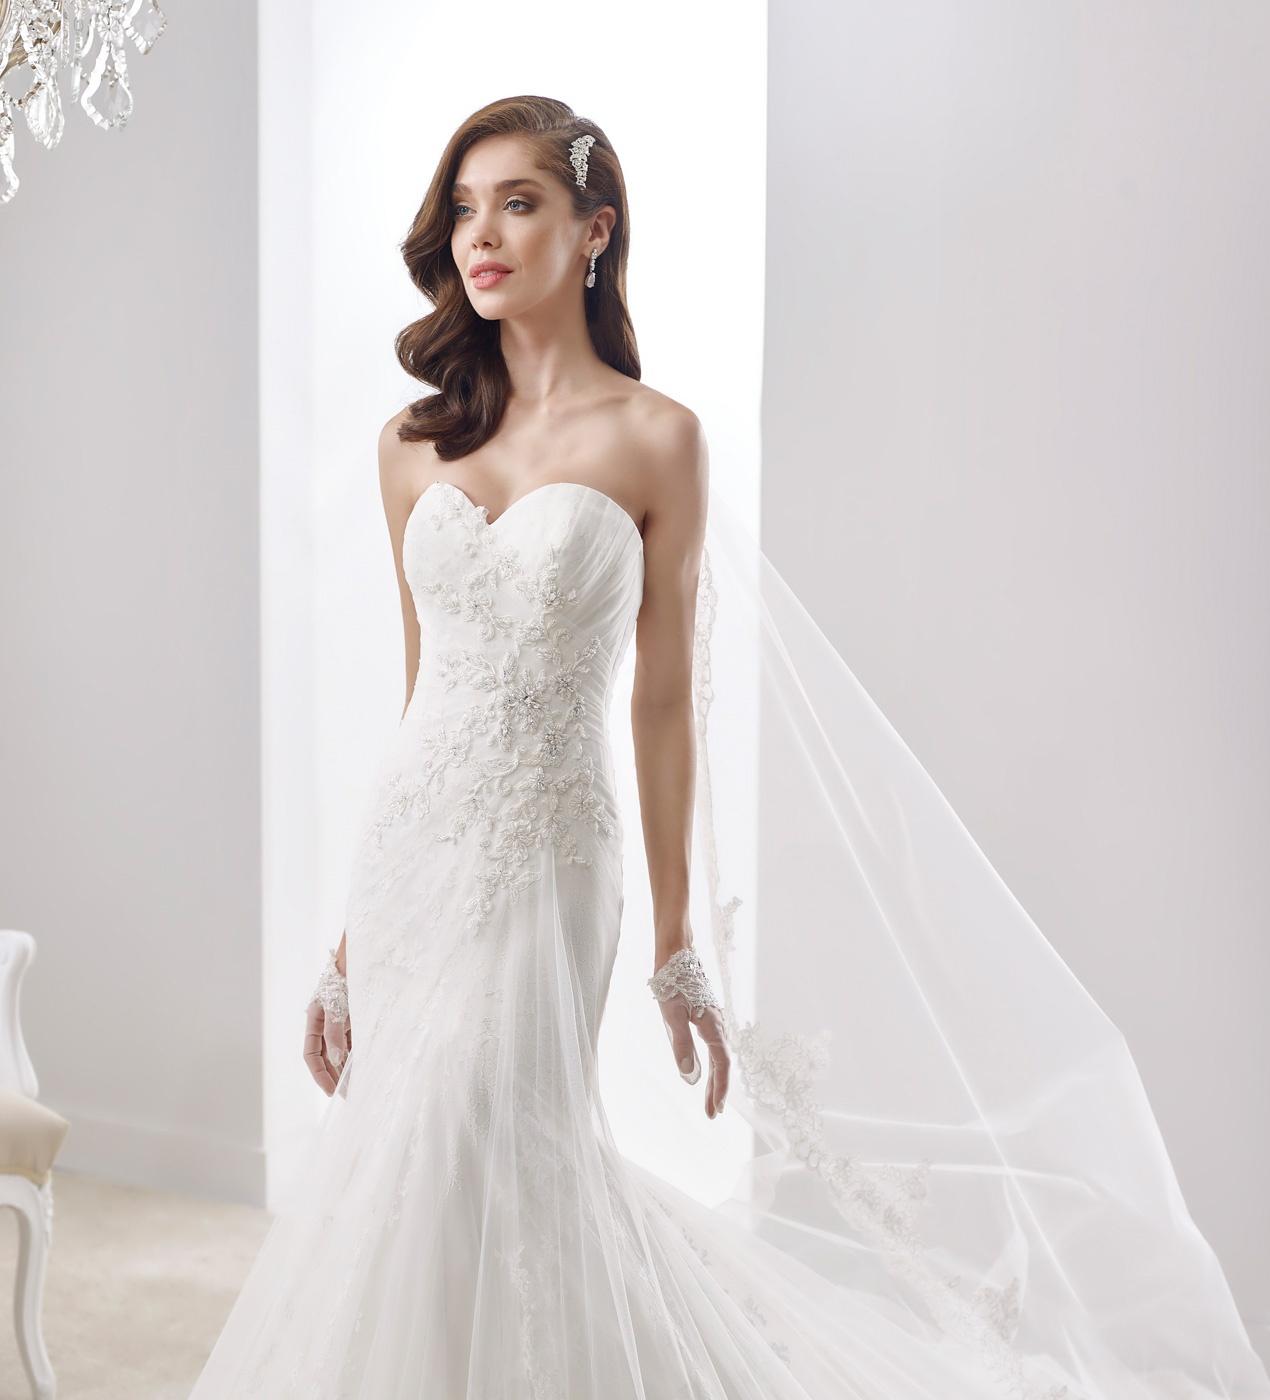 Jolies Brautkleider Kollektion ✪ Brautmode-Glamour Ihr Spezialist ...